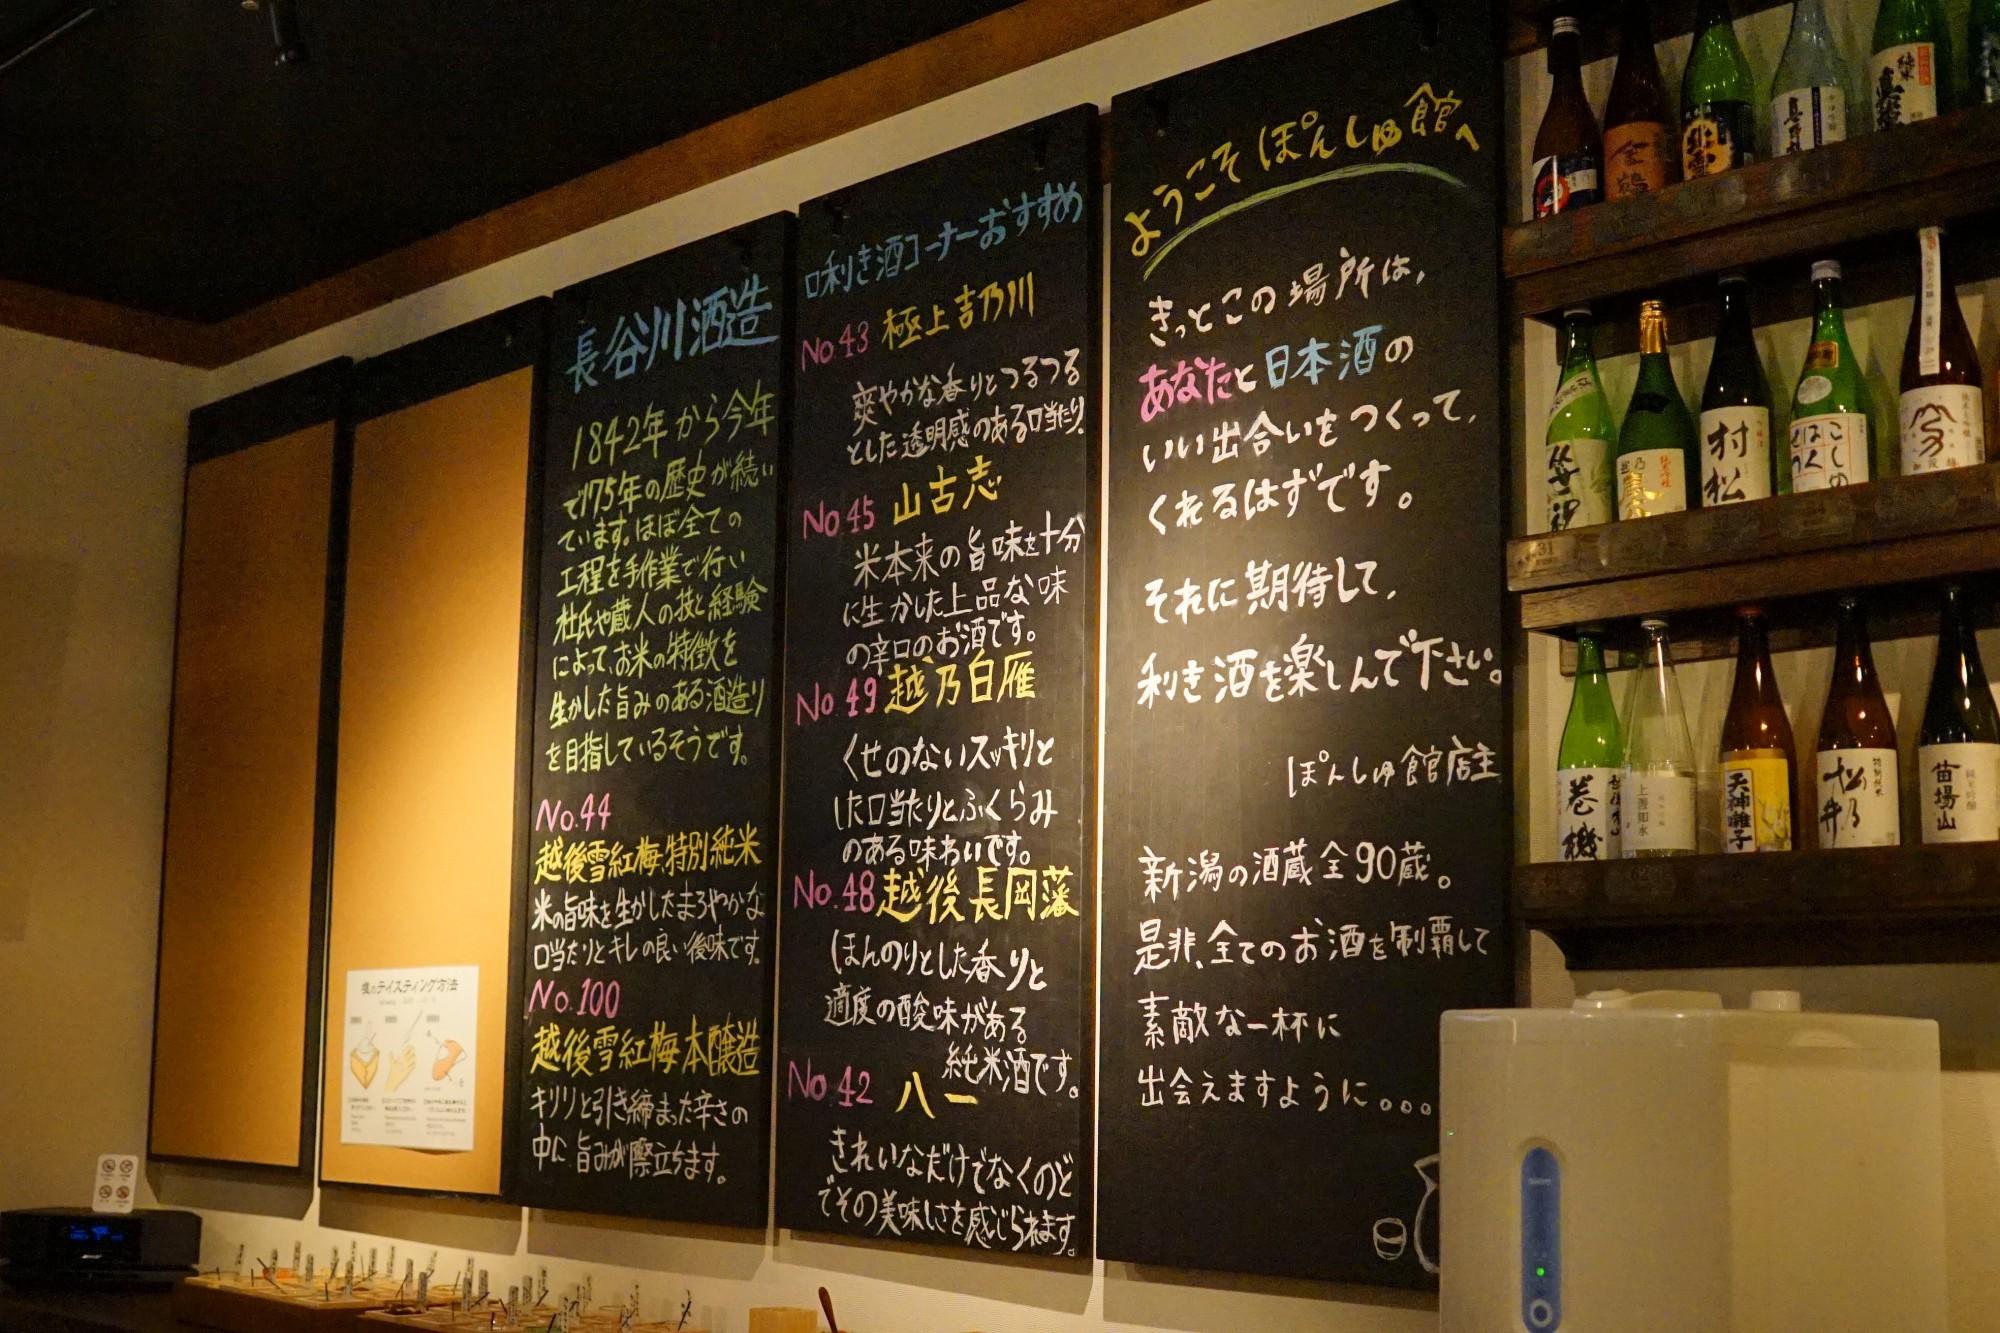 黒板にもおすすめの銘柄が。飲みながらじっくり読んでみてください。